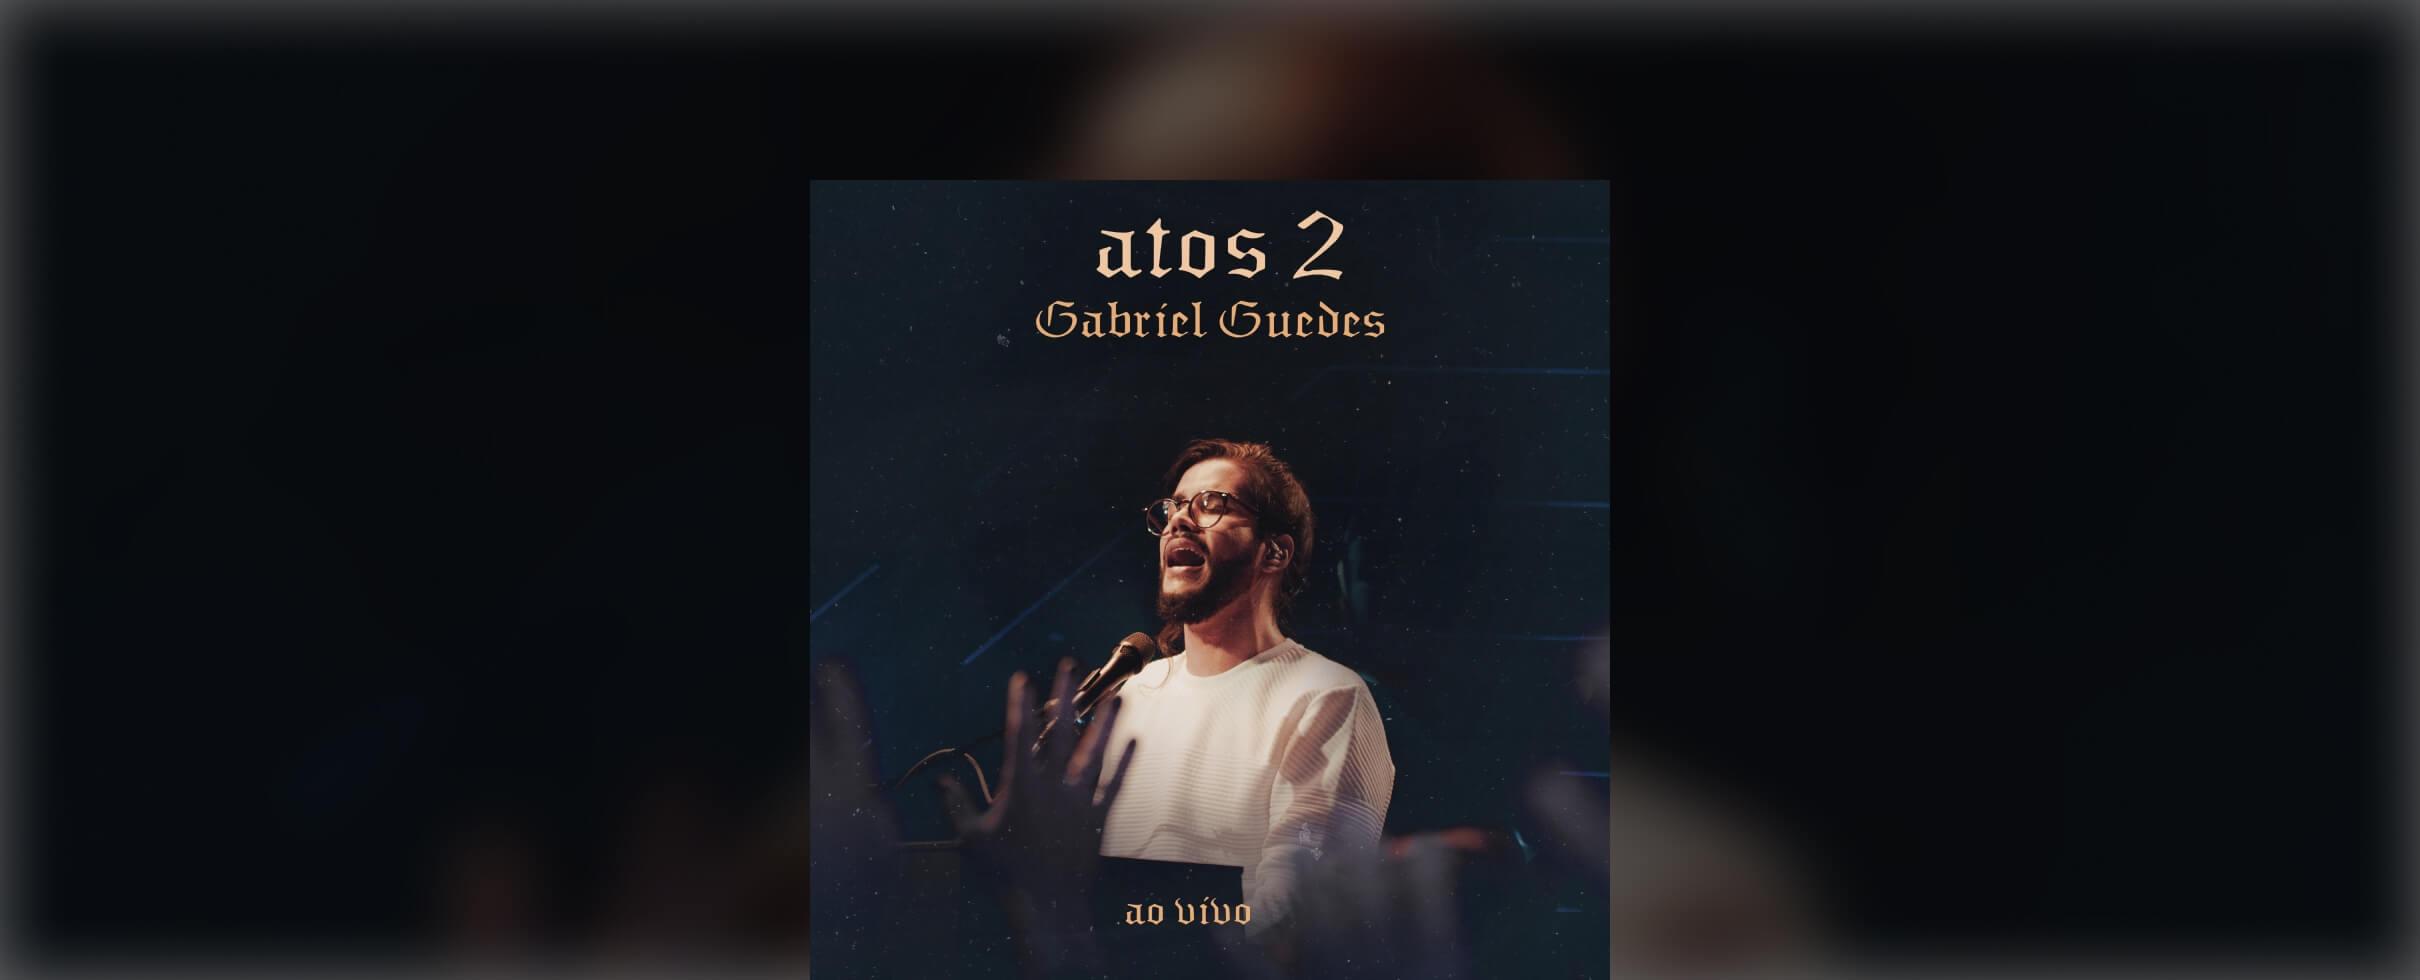 <h1>Recursos de</h1> <strong>Gabriel Guedes</strong>